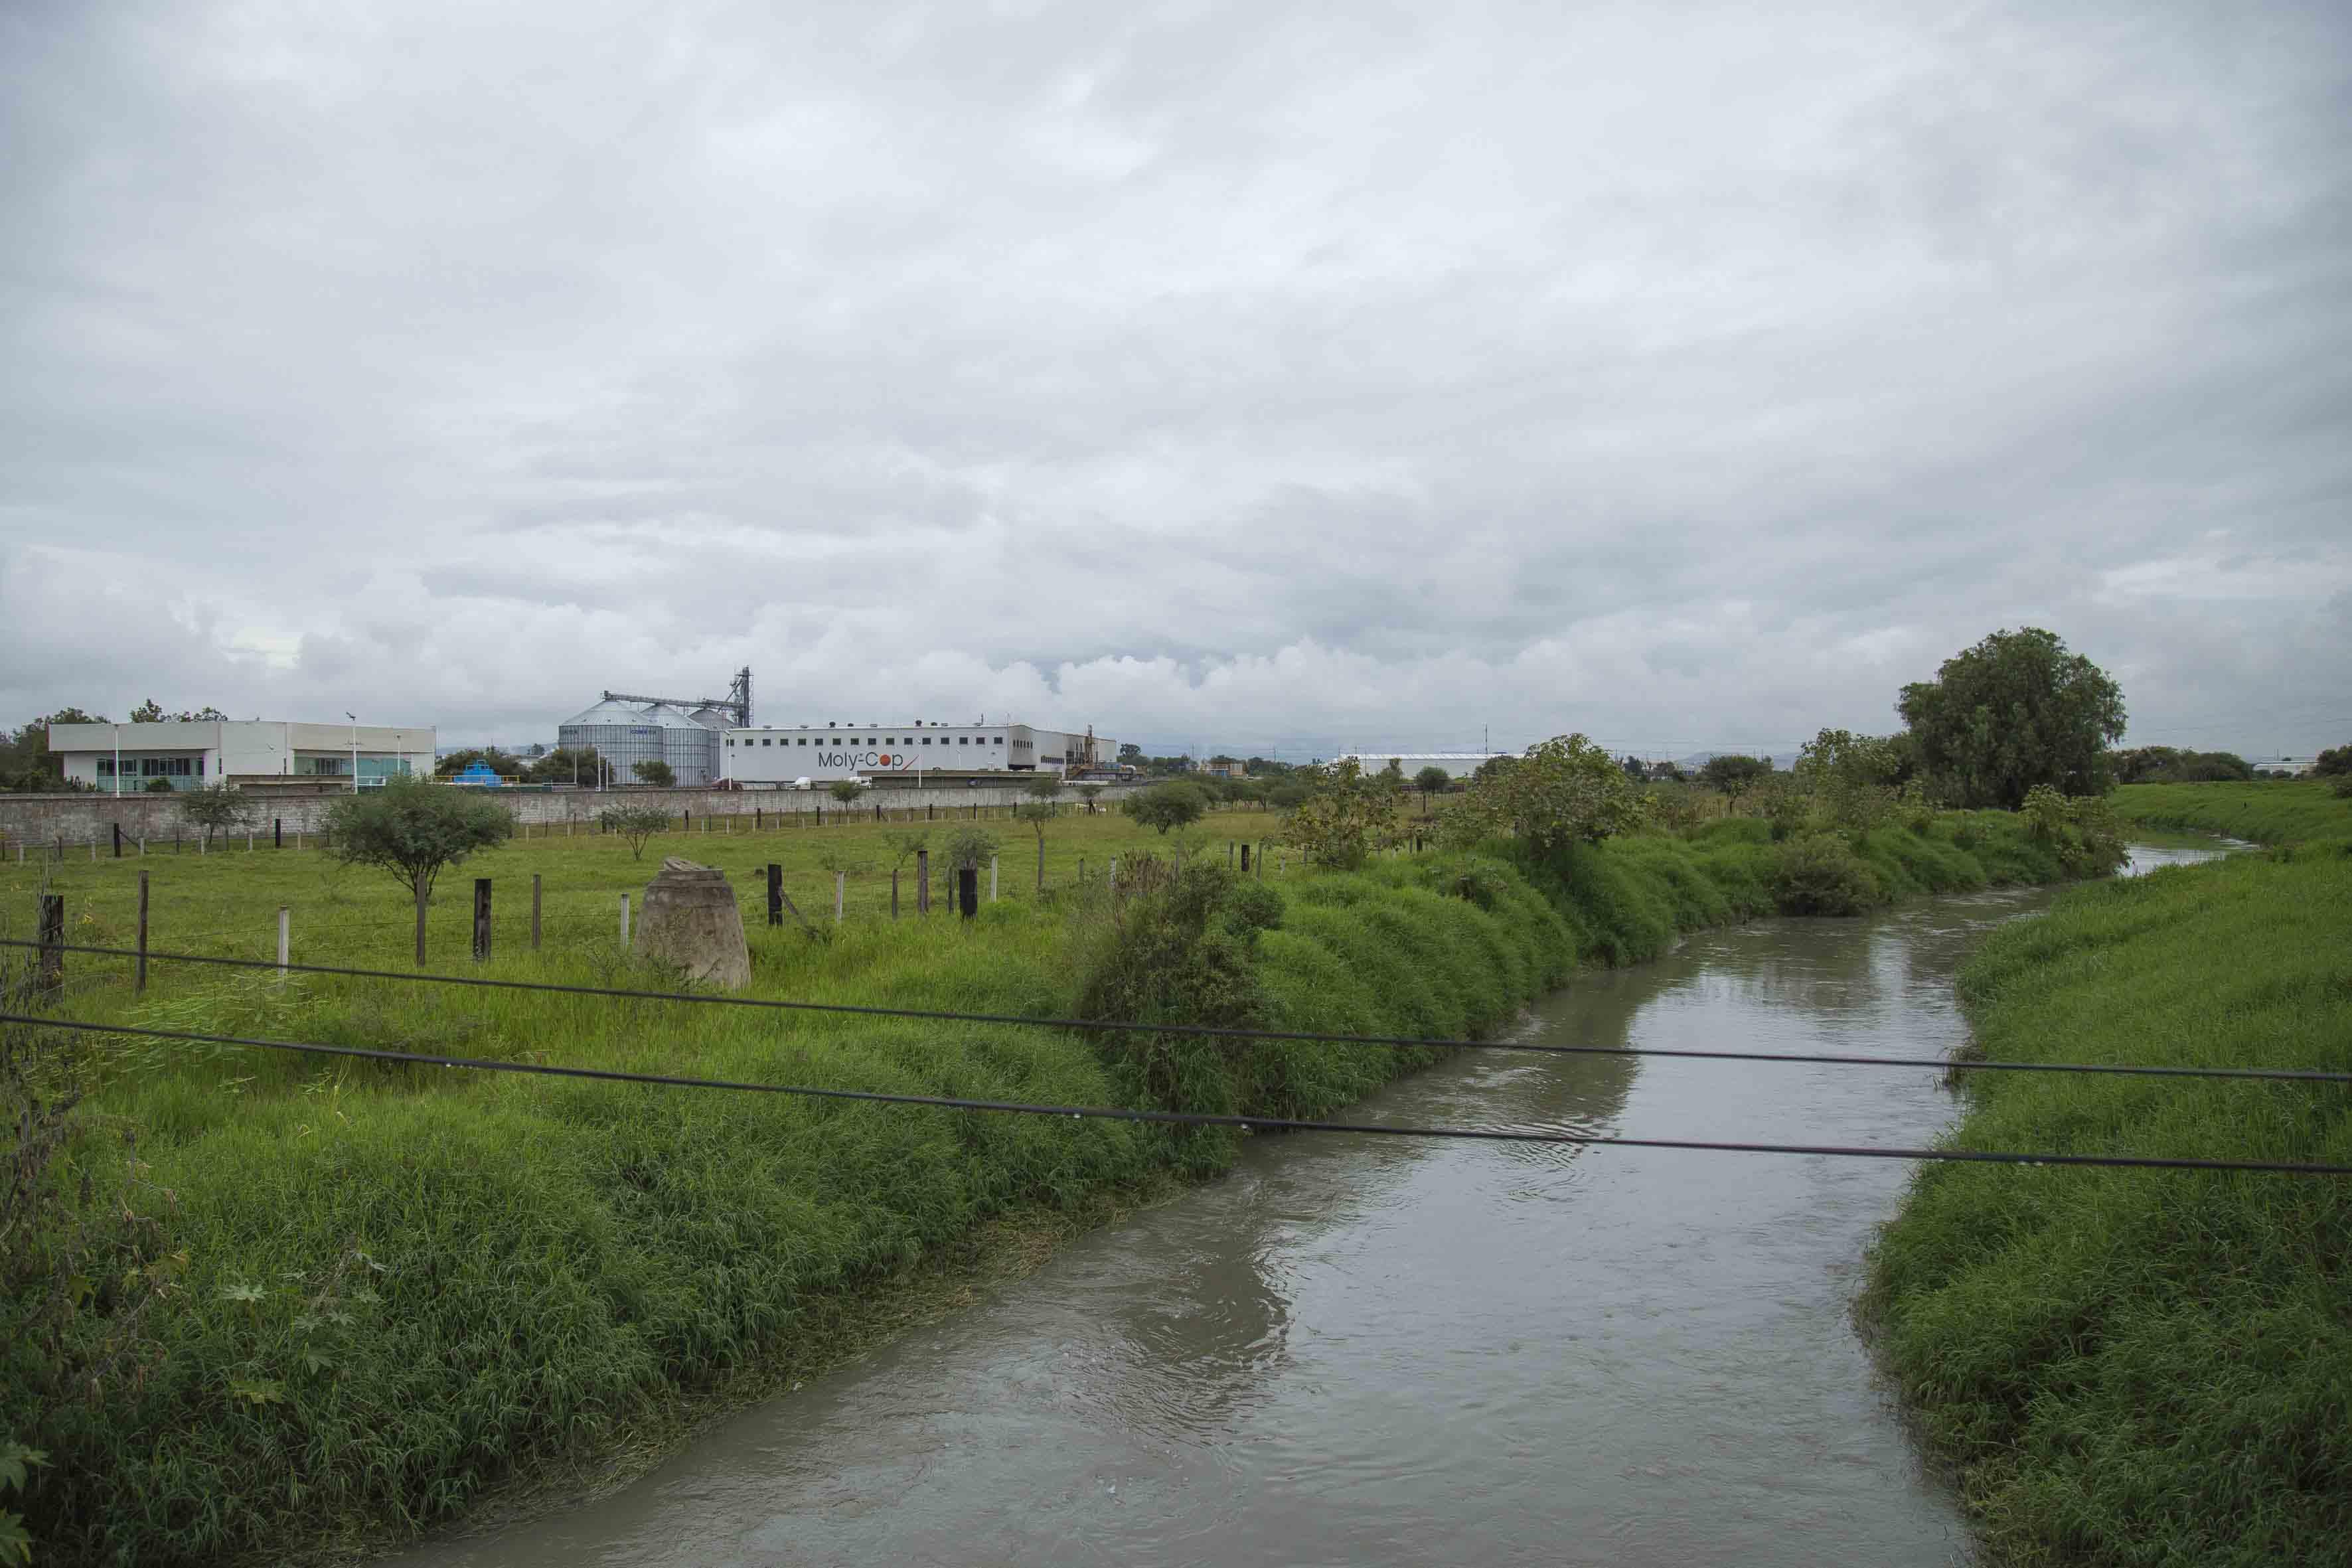 Paisaje donde se observa una industria residente en el Salto y ganado bovino.